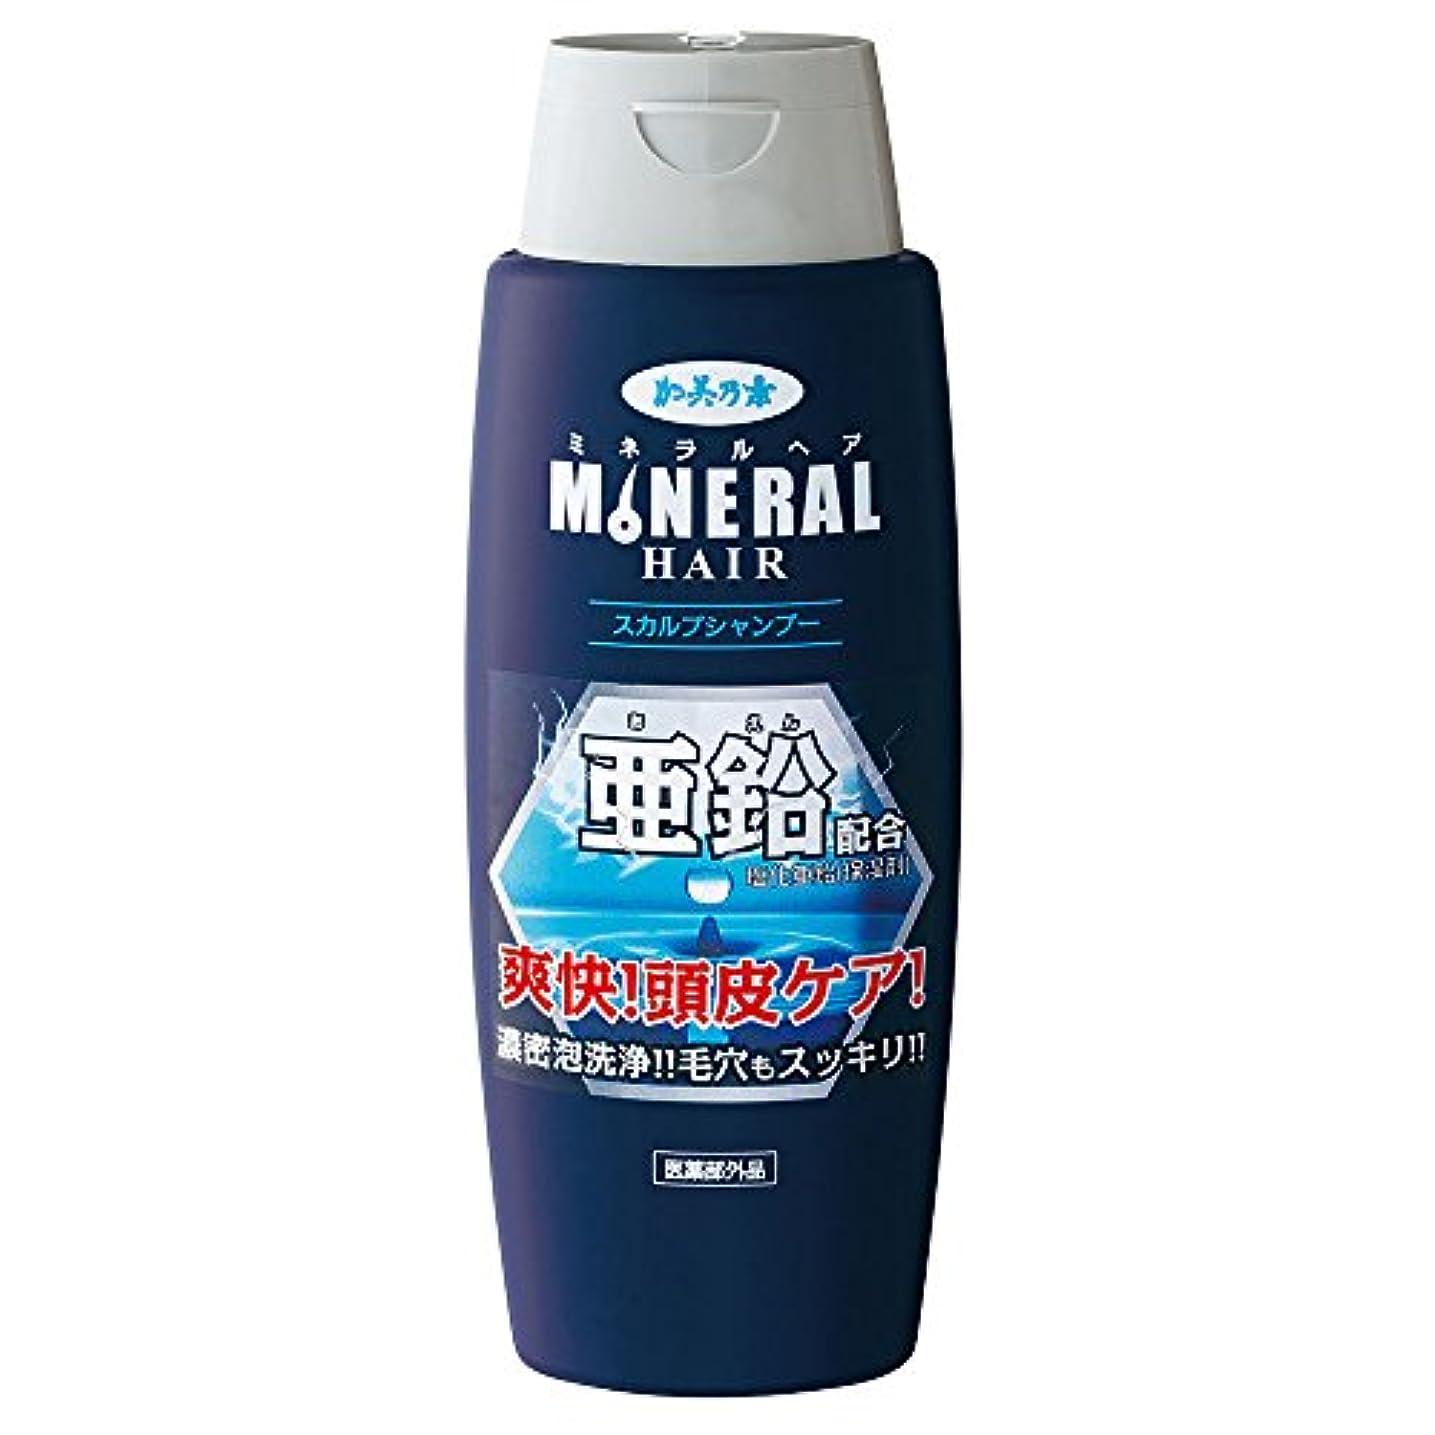 水ビット負荷加美乃素 薬用ミネラルヘア スカルプシャンプー 290mL (医薬部外品)